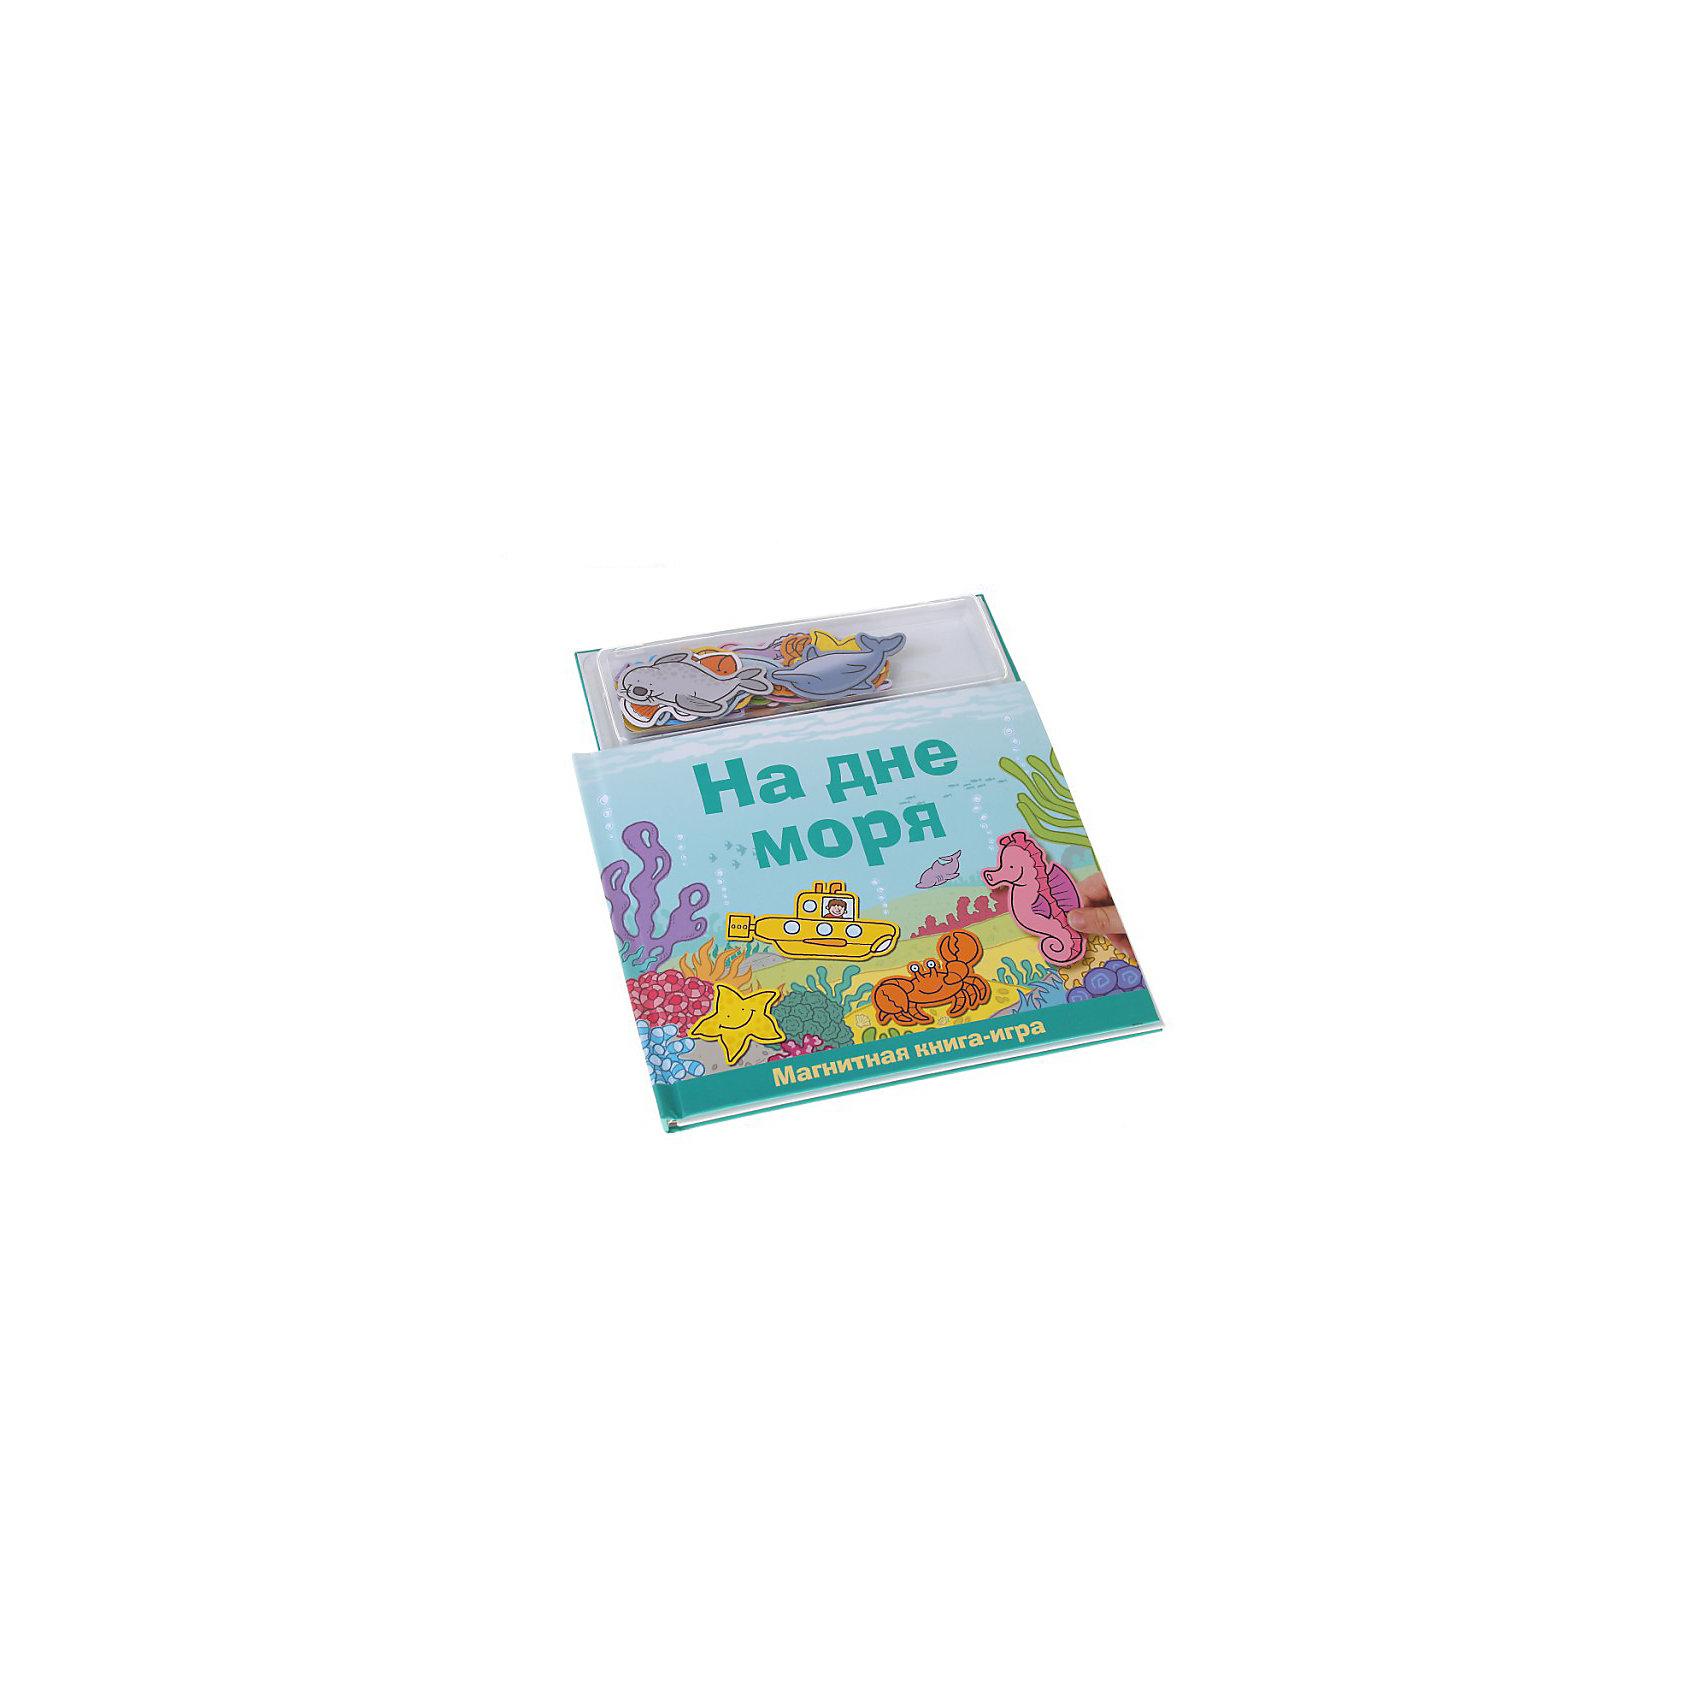 Магнитные книжки На дне моряМагнитные книжки «На дне моря»<br>Детям очень нравится располагать магнитные фигурки на страницах этой книги-игры. При этом у ребенка развивается логическое мышление, и он узнает много нового и интересного об обитателях морских глубин.<br>Дополнительная информация:<br>В набор входит:<br>- Книга с магнитными страницами,<br>- магнитные картинки с изображением обитателей морских глубин.<br>Размер упаковки (д/ш/в): 210 х 10 х 240 мм<br><br>Ширина мм: 210<br>Глубина мм: 10<br>Высота мм: 240<br>Вес г: 500<br>Возраст от месяцев: 36<br>Возраст до месяцев: 72<br>Пол: Унисекс<br>Возраст: Детский<br>SKU: 2358184